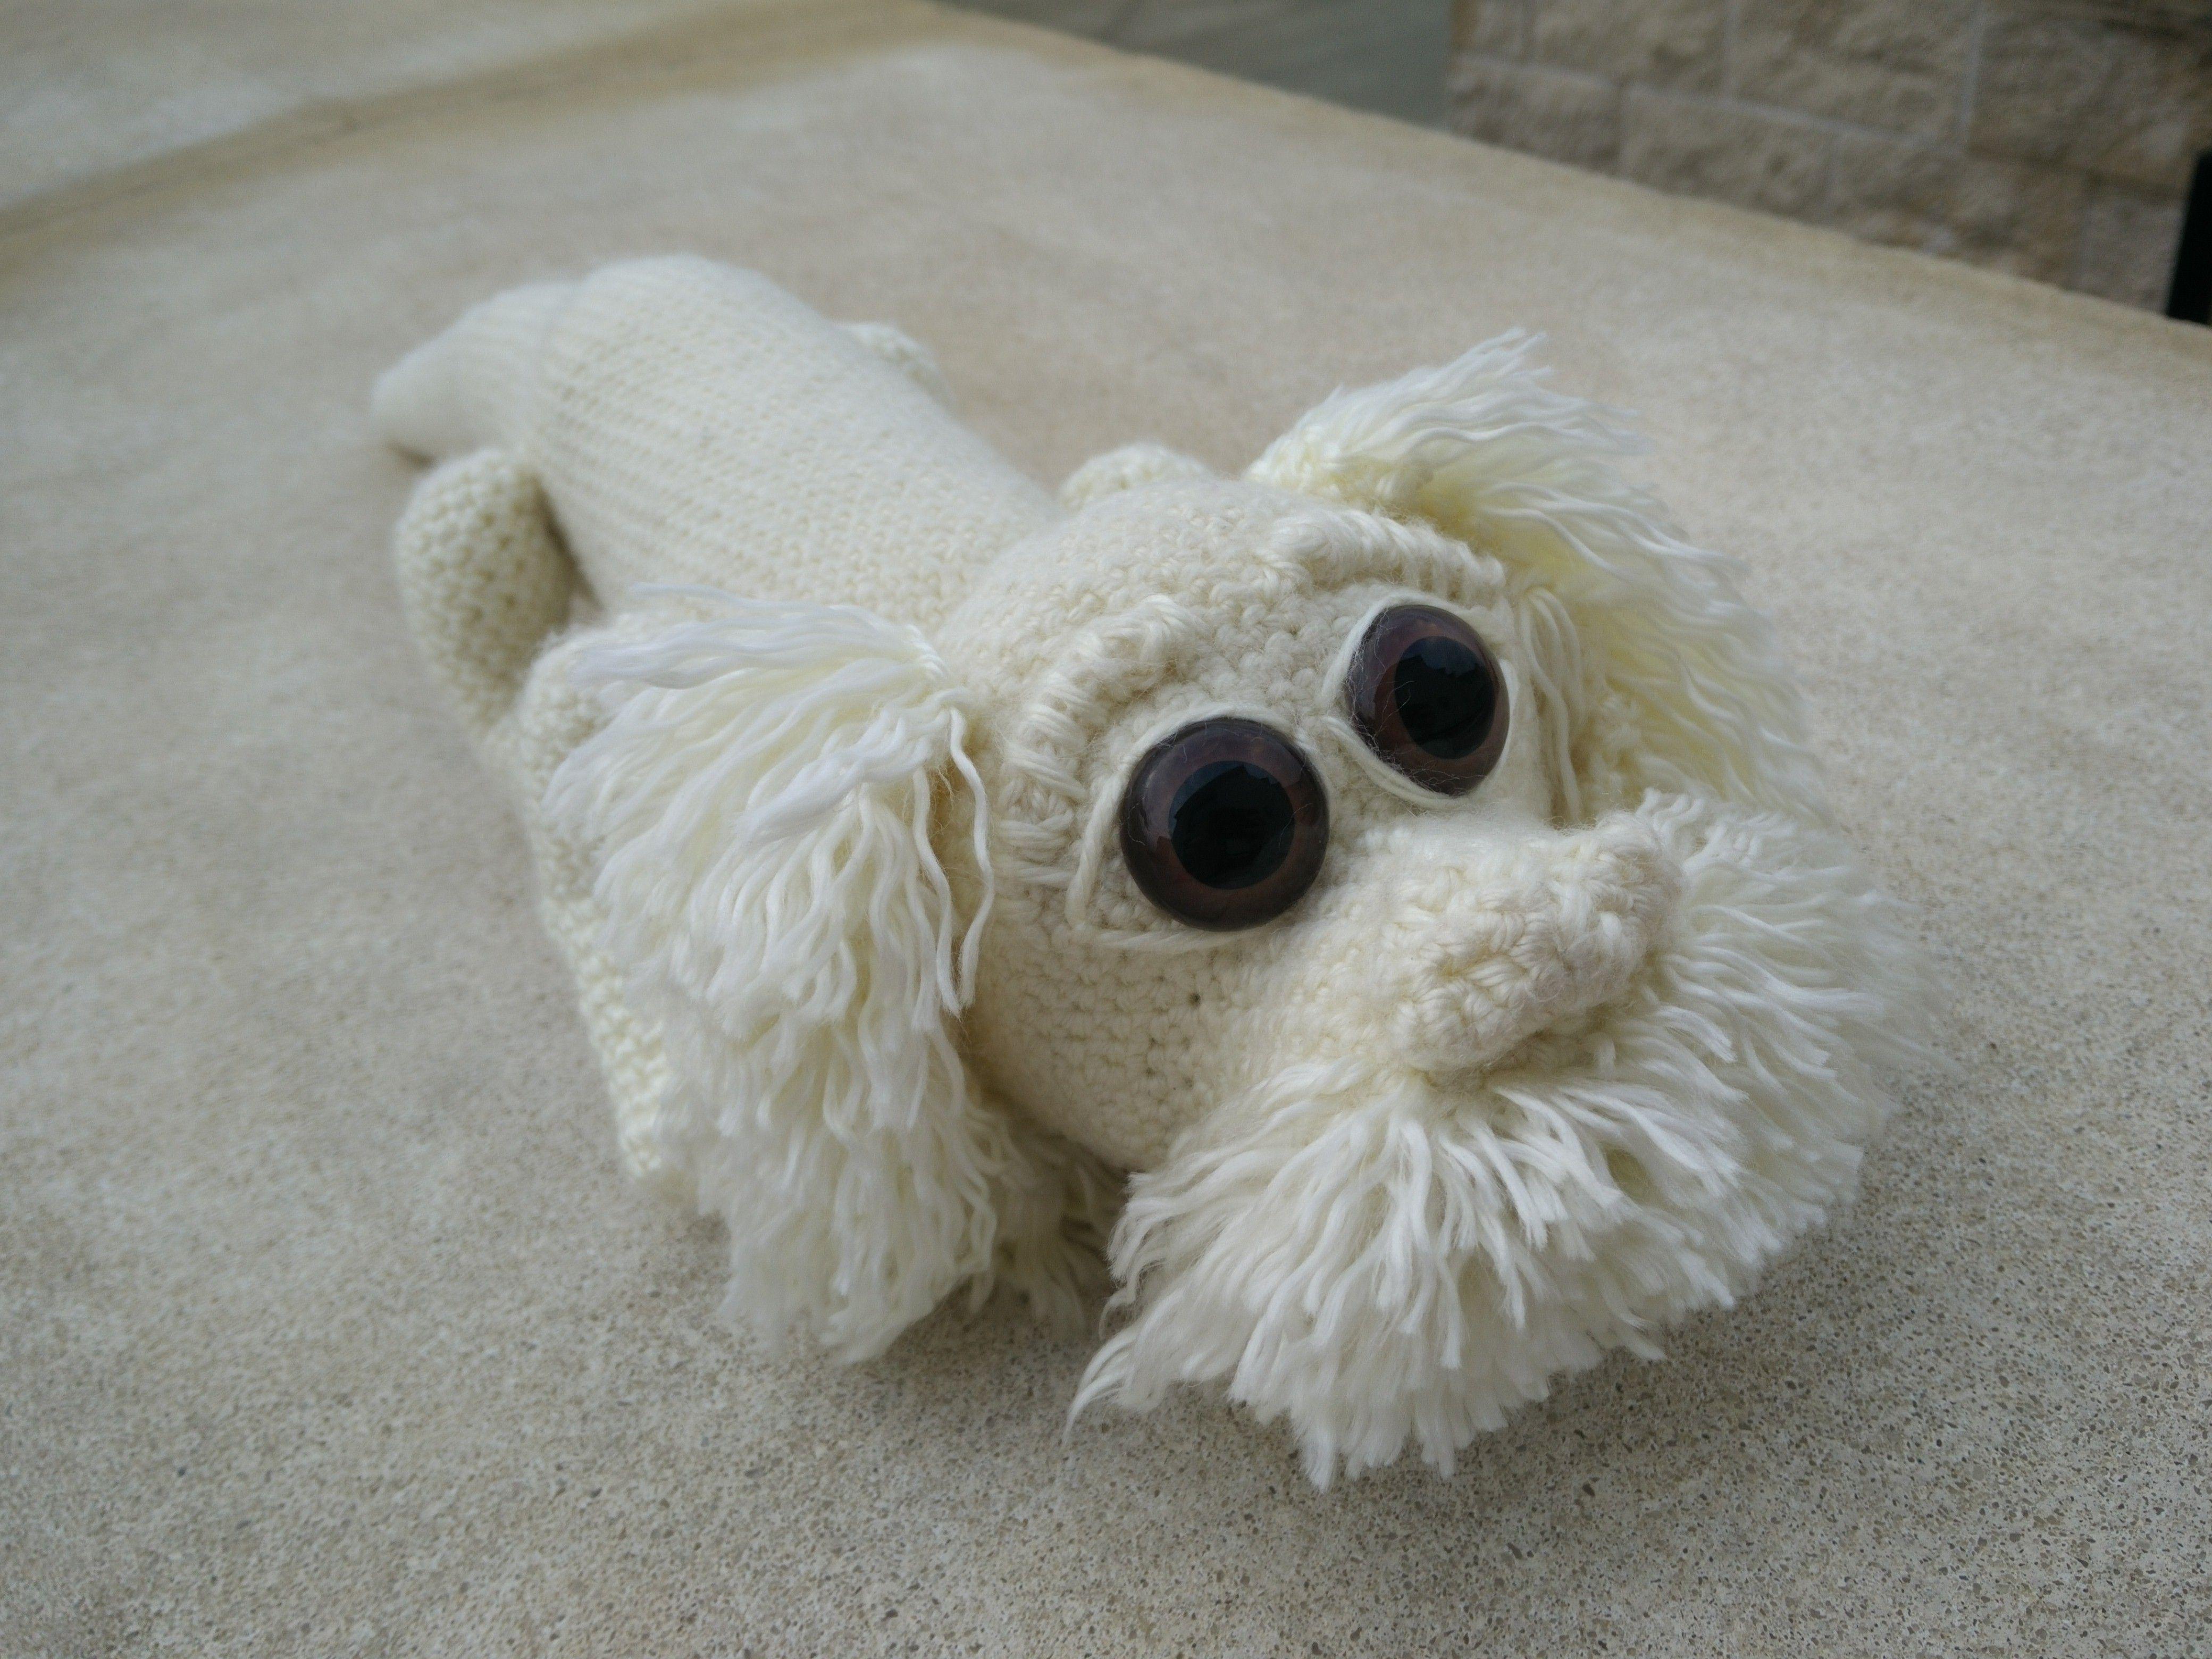 Crocheted Falcor from neverending story | fujur | Pinterest